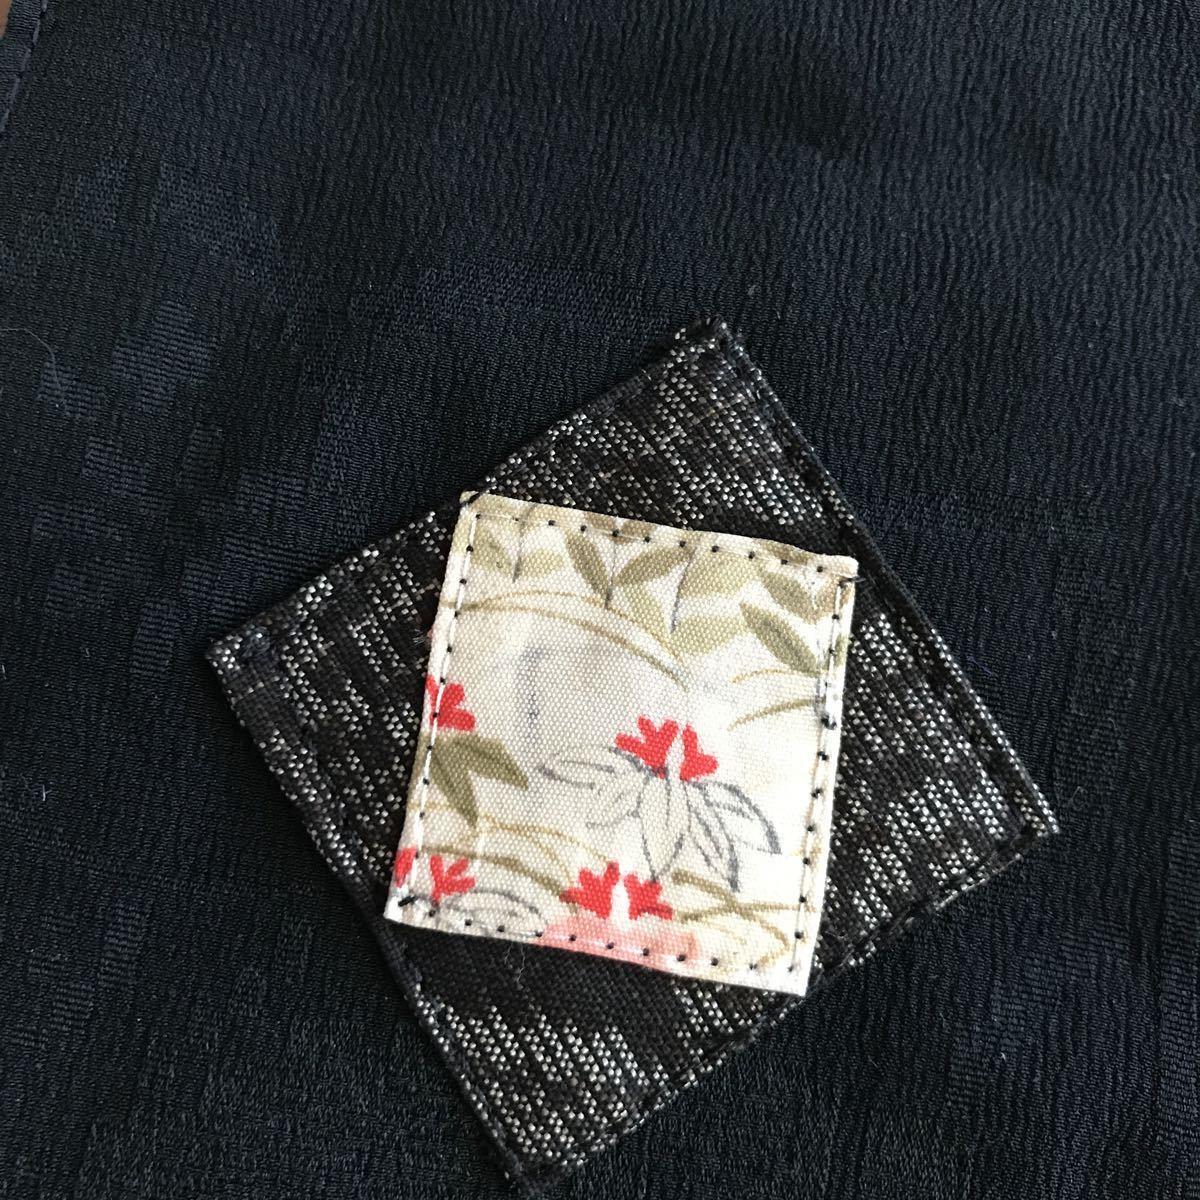 古布のミニタペストリー 古布 着物リメイク タペストリー 絹 パッチワーク 黒 アンティーク 69×10cm ハンドメイド